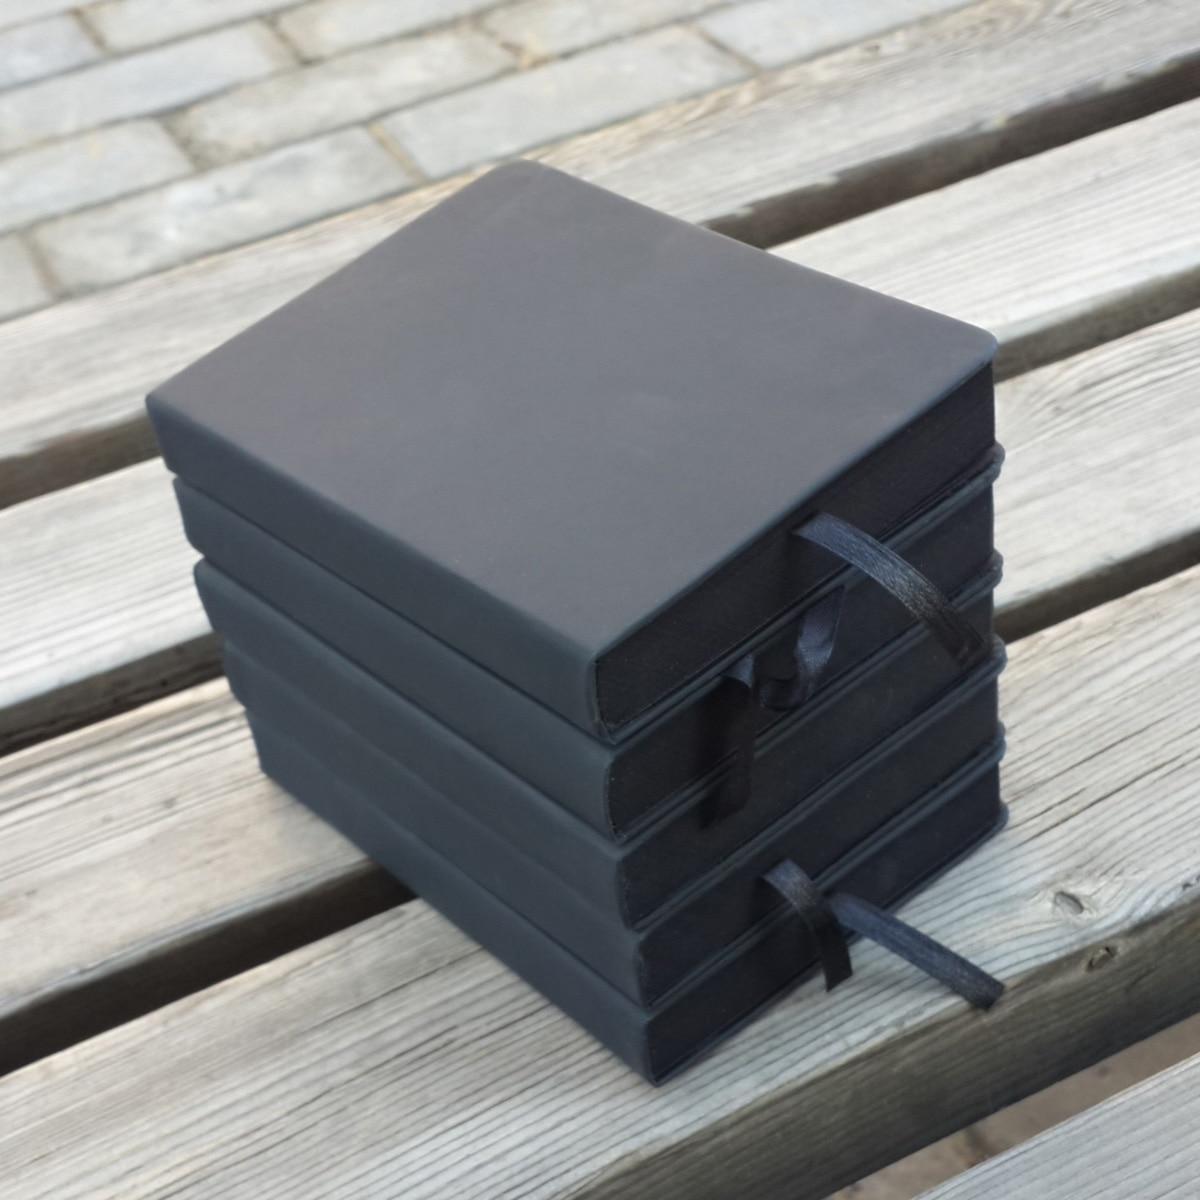 2019 a5 / a6 pu غطاء القرطاسية ورقة المفكرة diy فارغة الأسود يوميات الإبداعية لطيف كتابات دفتر مذكرة كتاب ورقة رسم كتاب